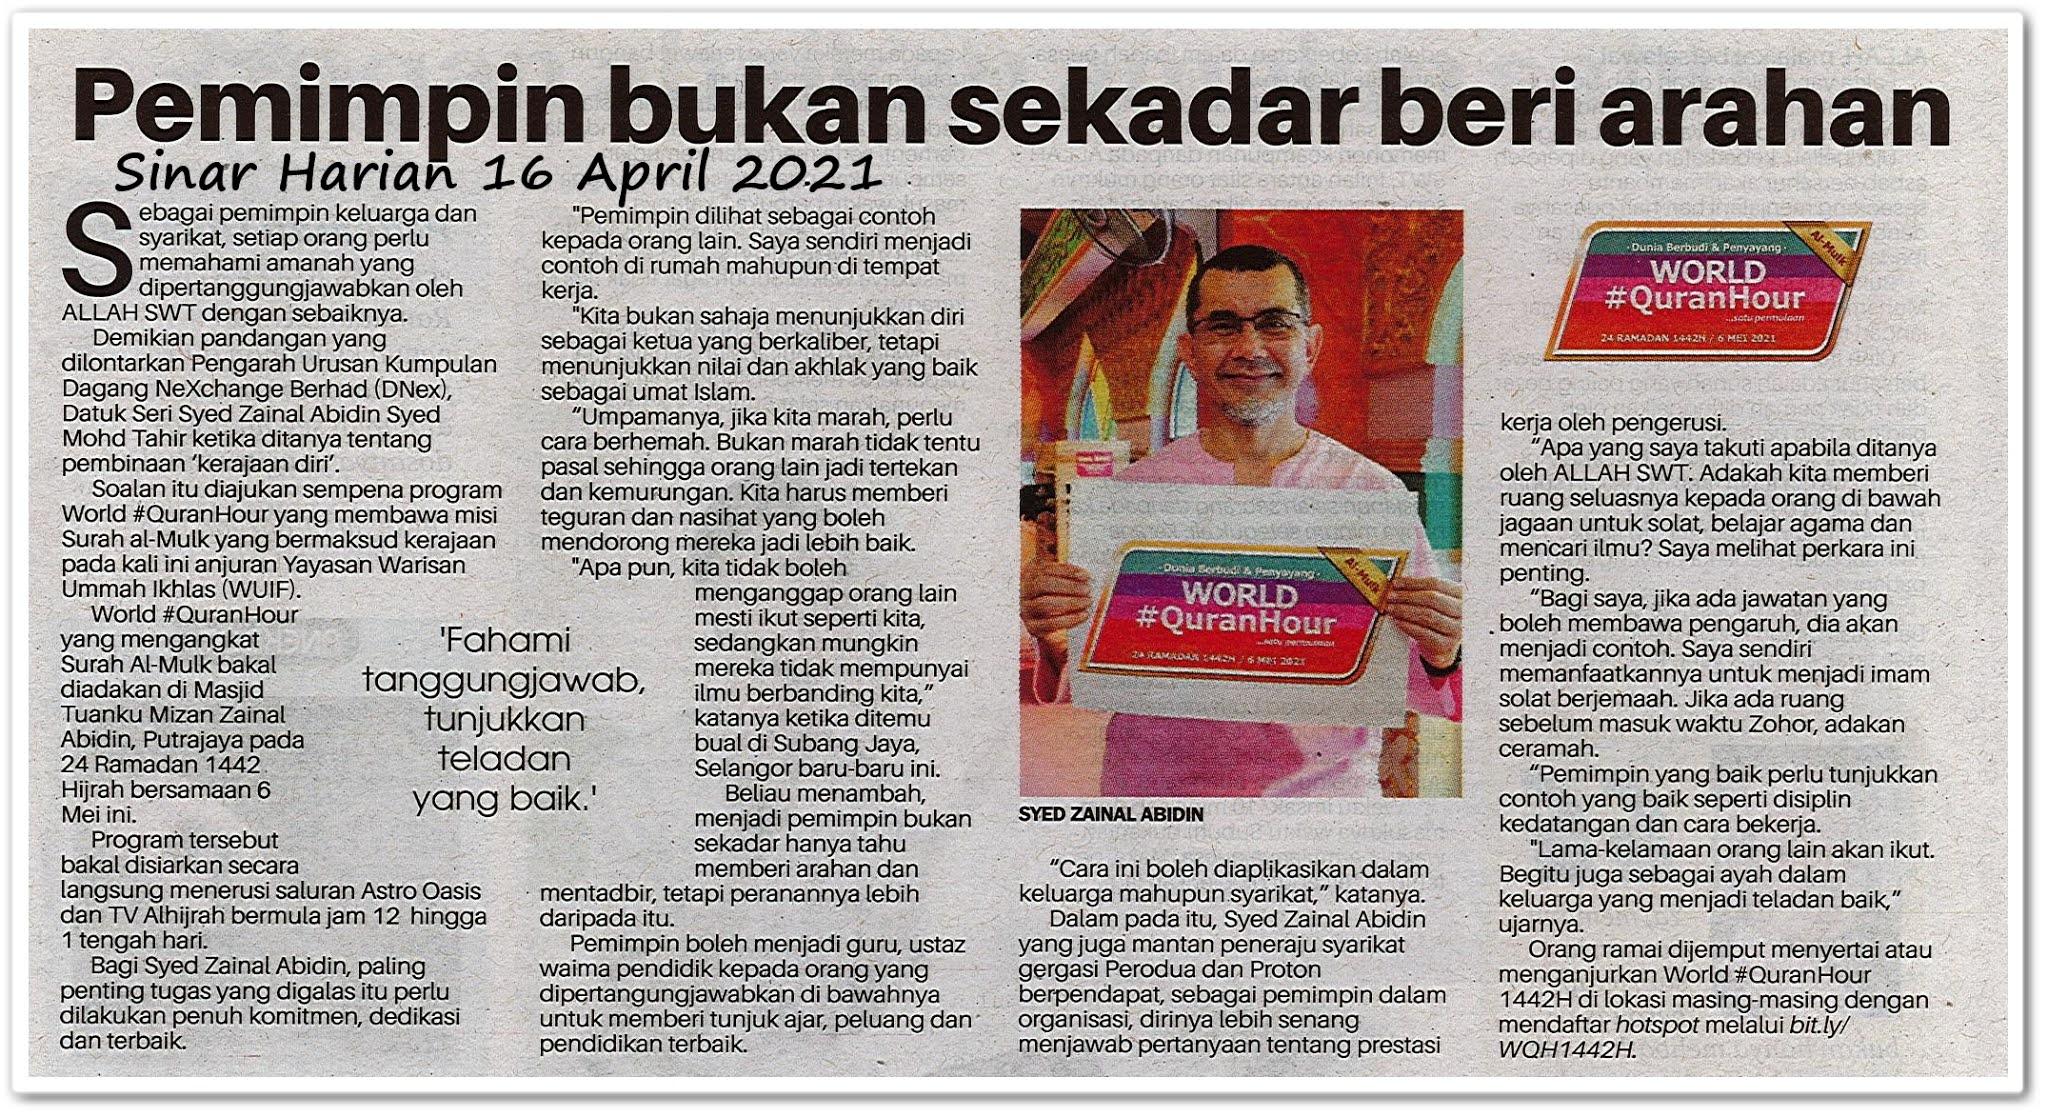 Pemimpin bukan sekadar beri arahan - Keratan akhbar Sinar Harian 16 April 2021